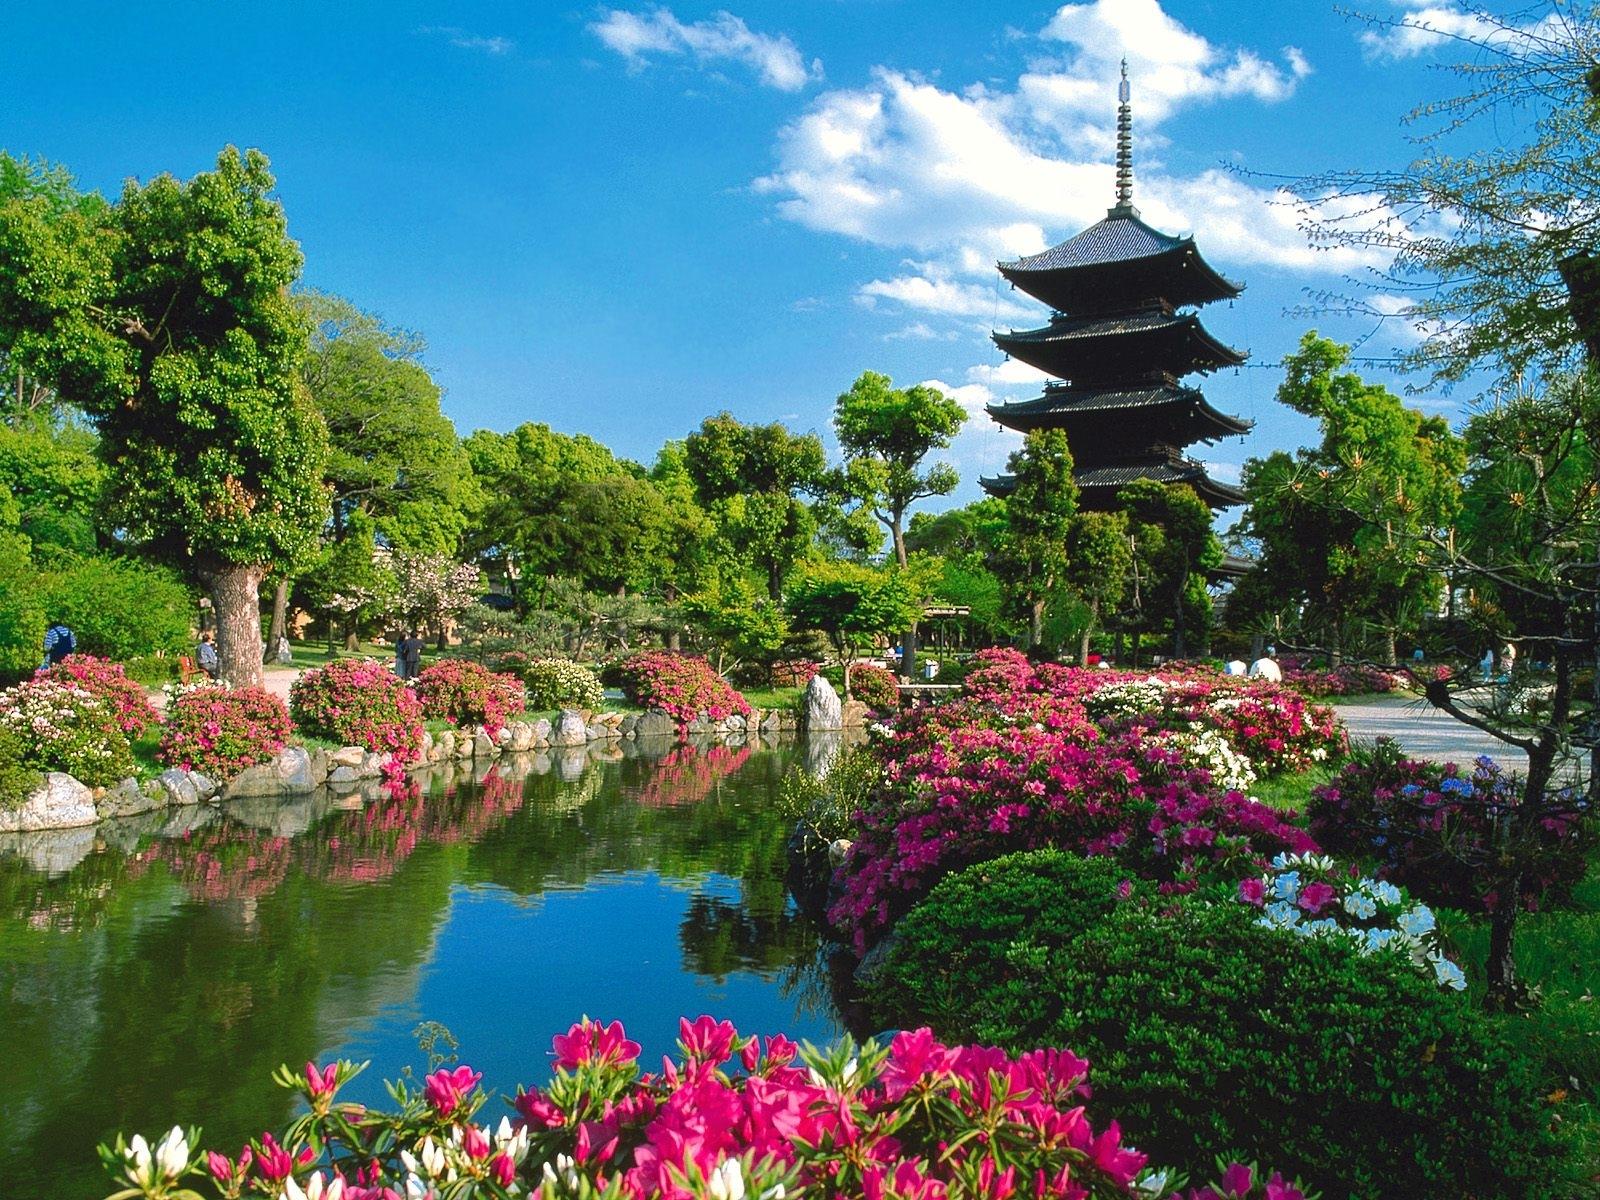 4144 Hintergrundbild herunterladen Blumen, Pflanzen, Landschaft, Flüsse, Sky, Asien - Bildschirmschoner und Bilder kostenlos